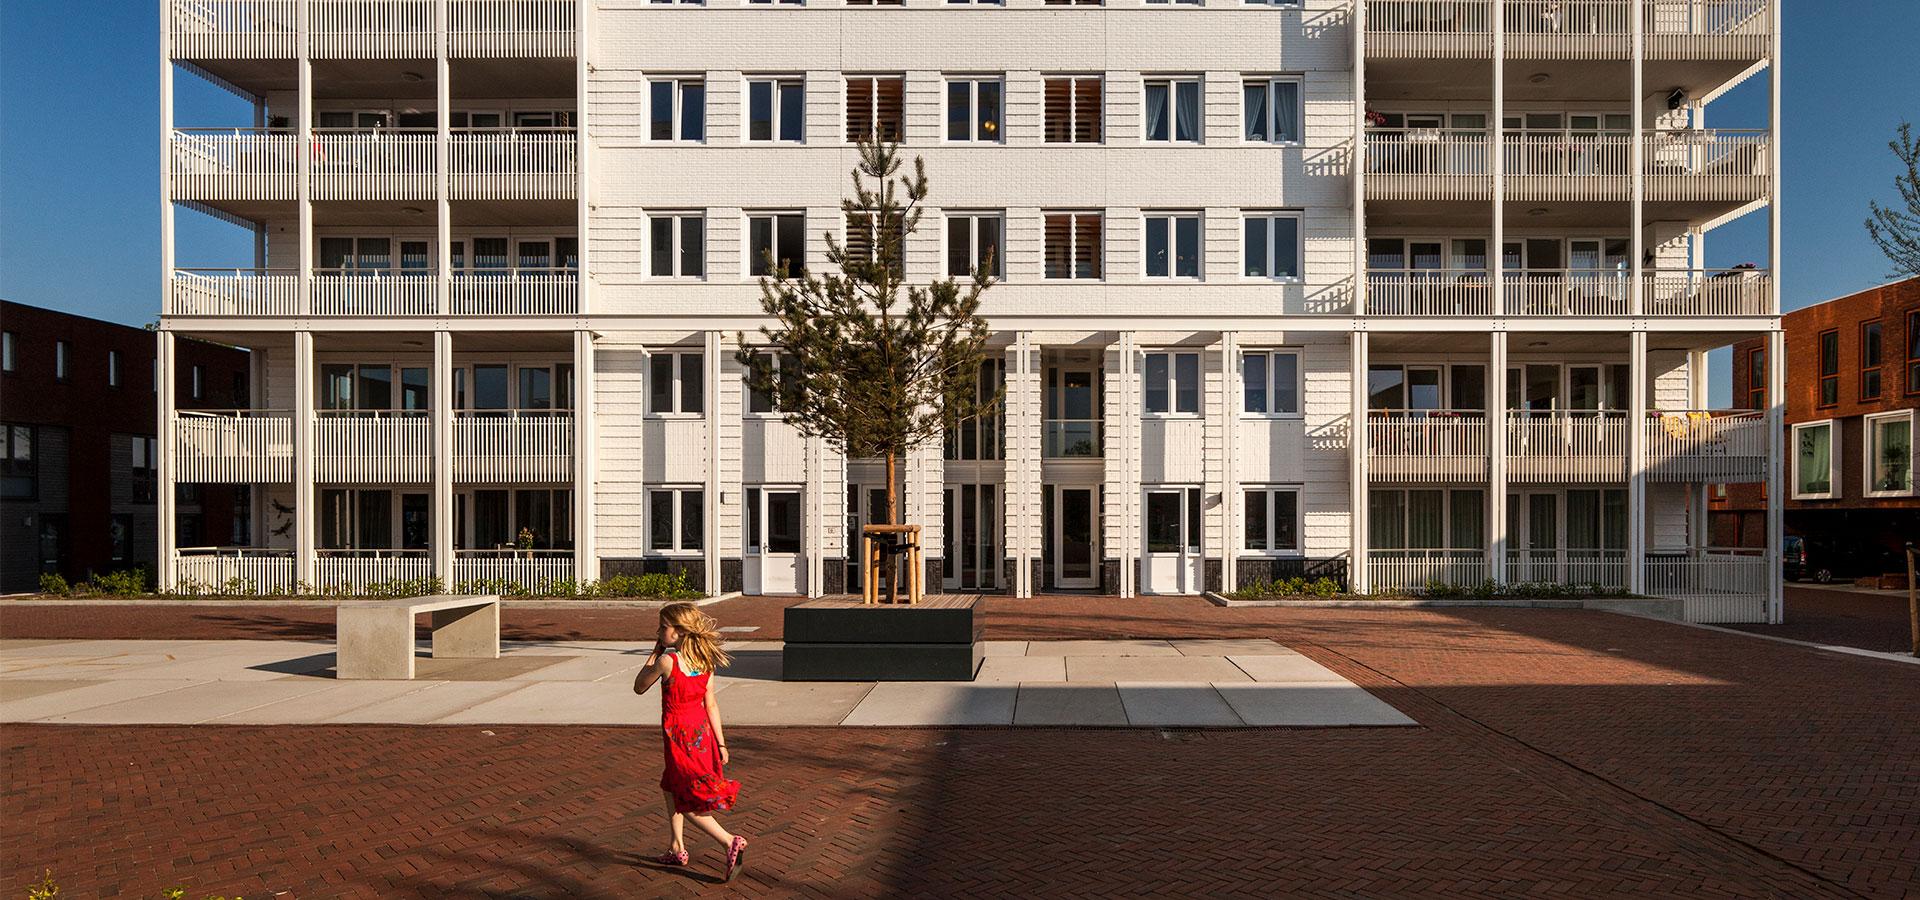 FARO architecten Binnenhaven blok 4 en 5 IJmuiden 01